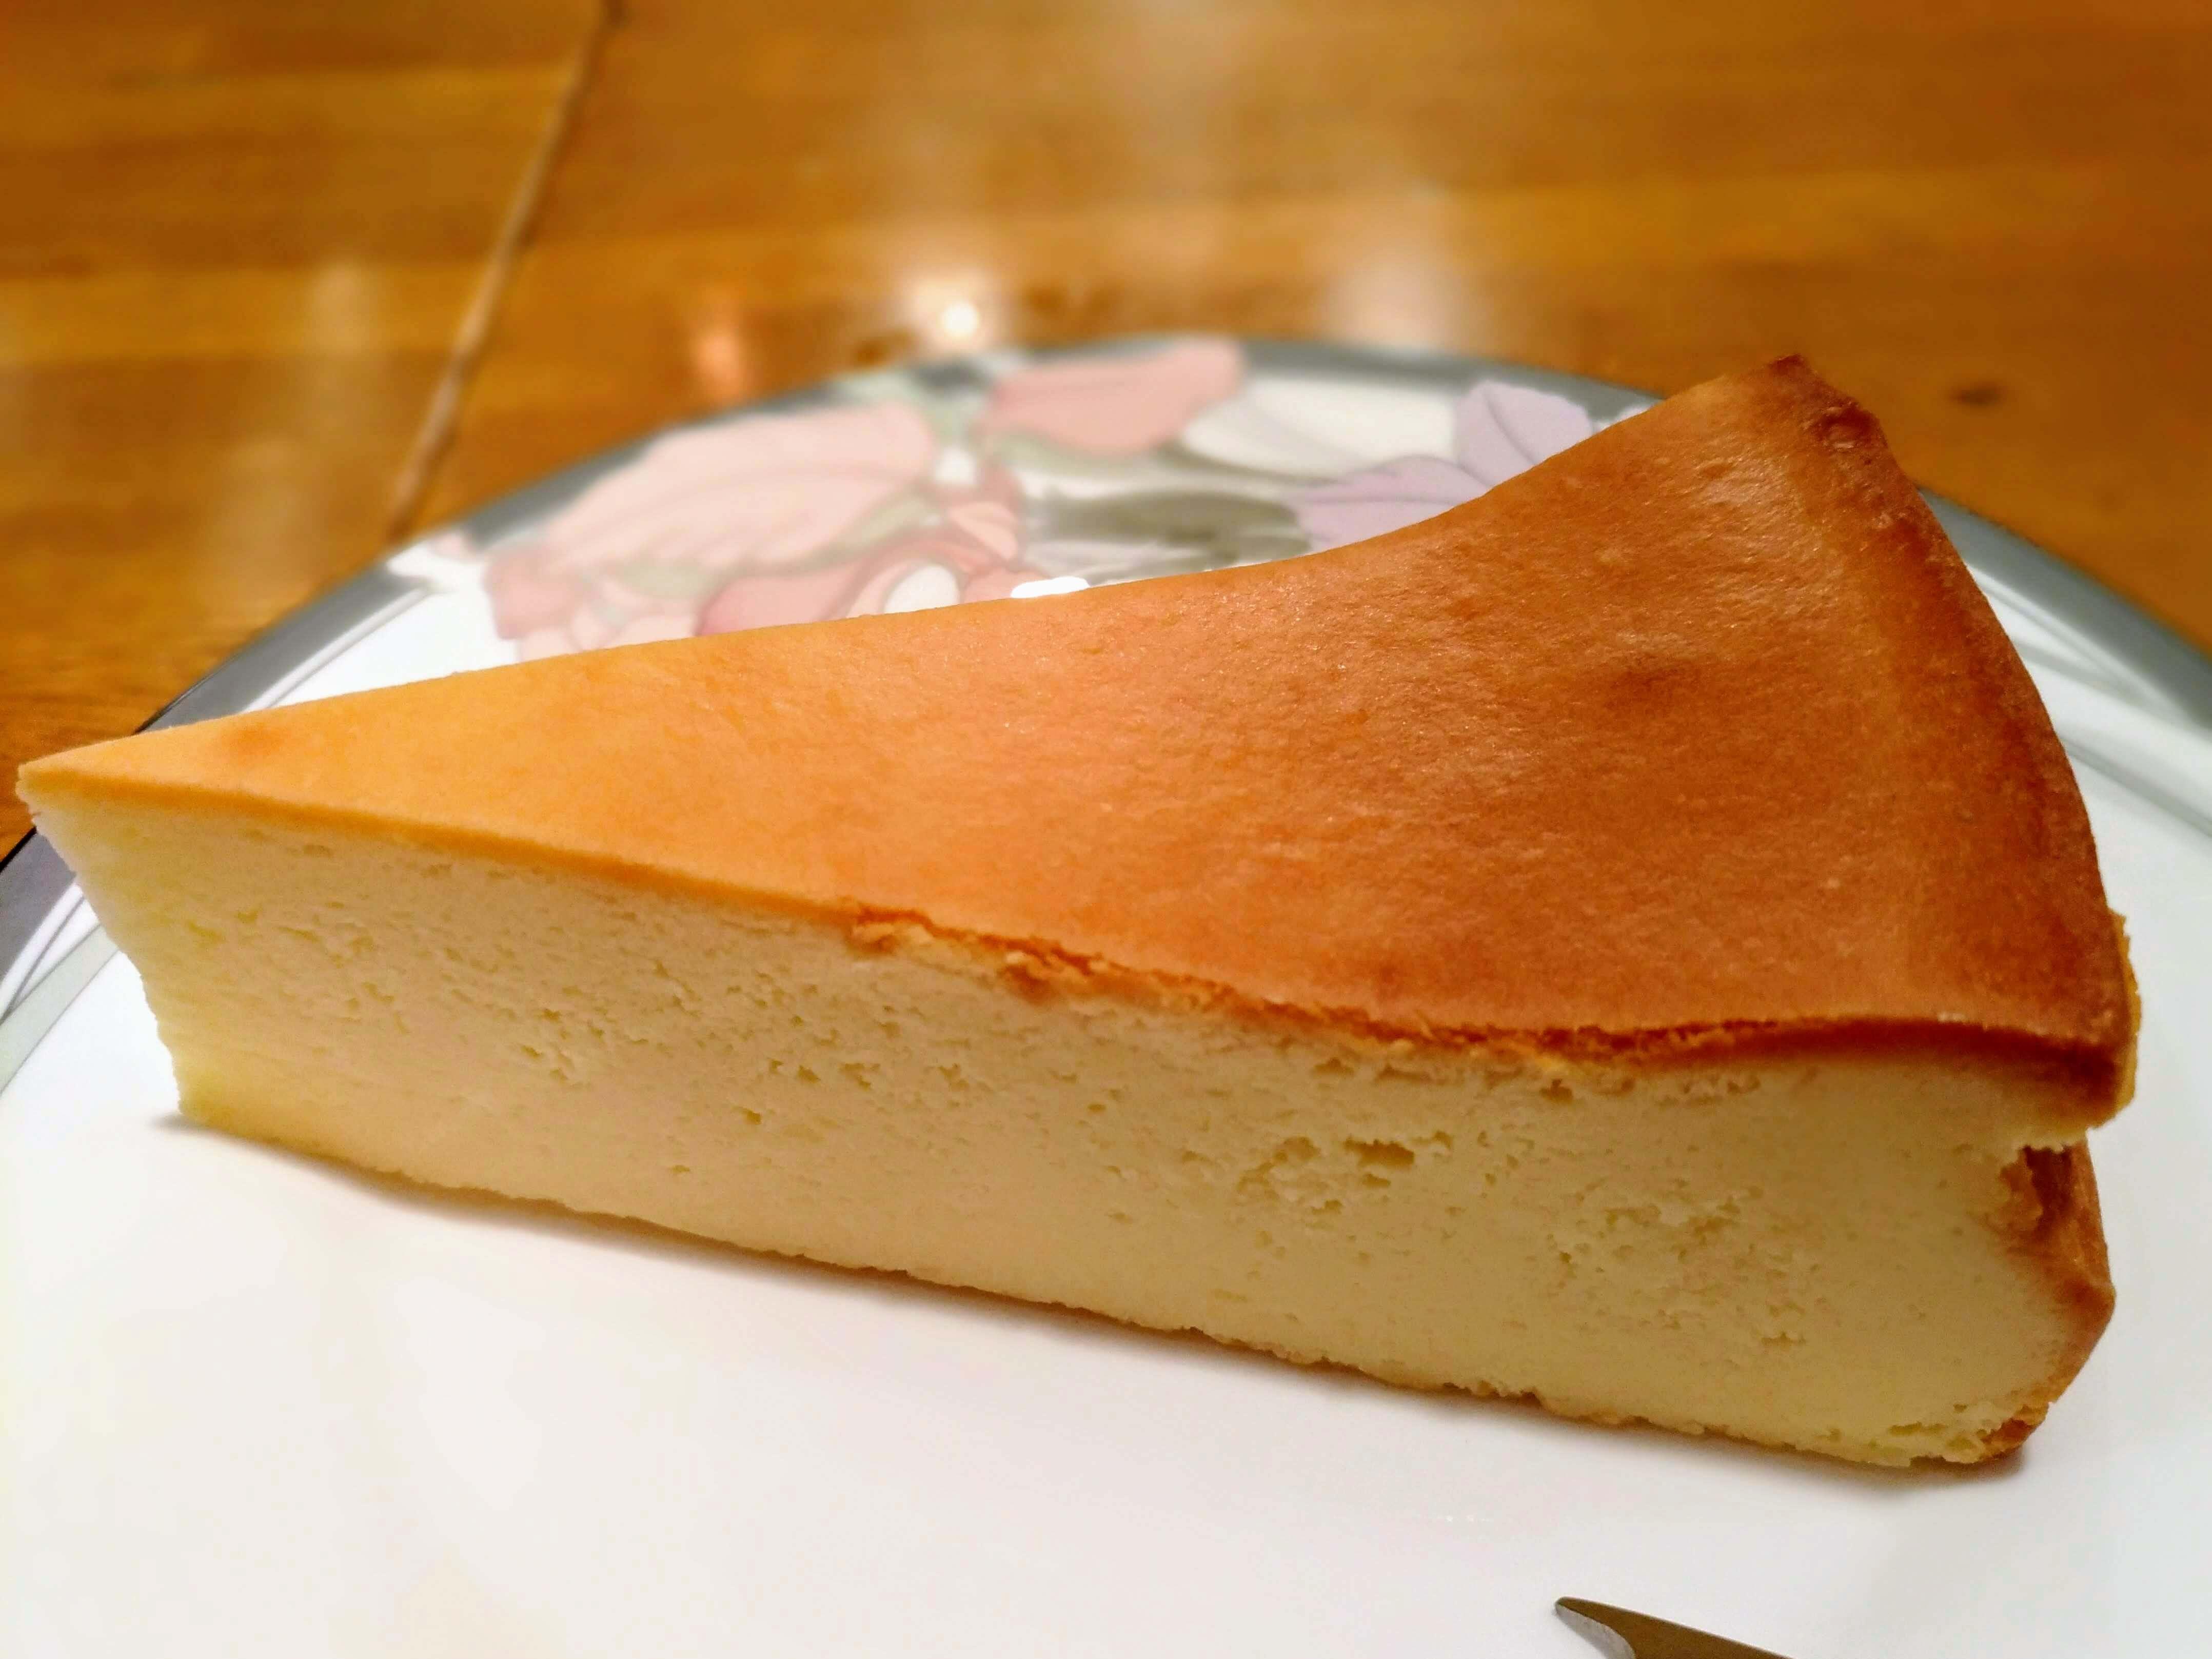 カスタネット 自由が丘 (9)ベイクドチーズケーキ